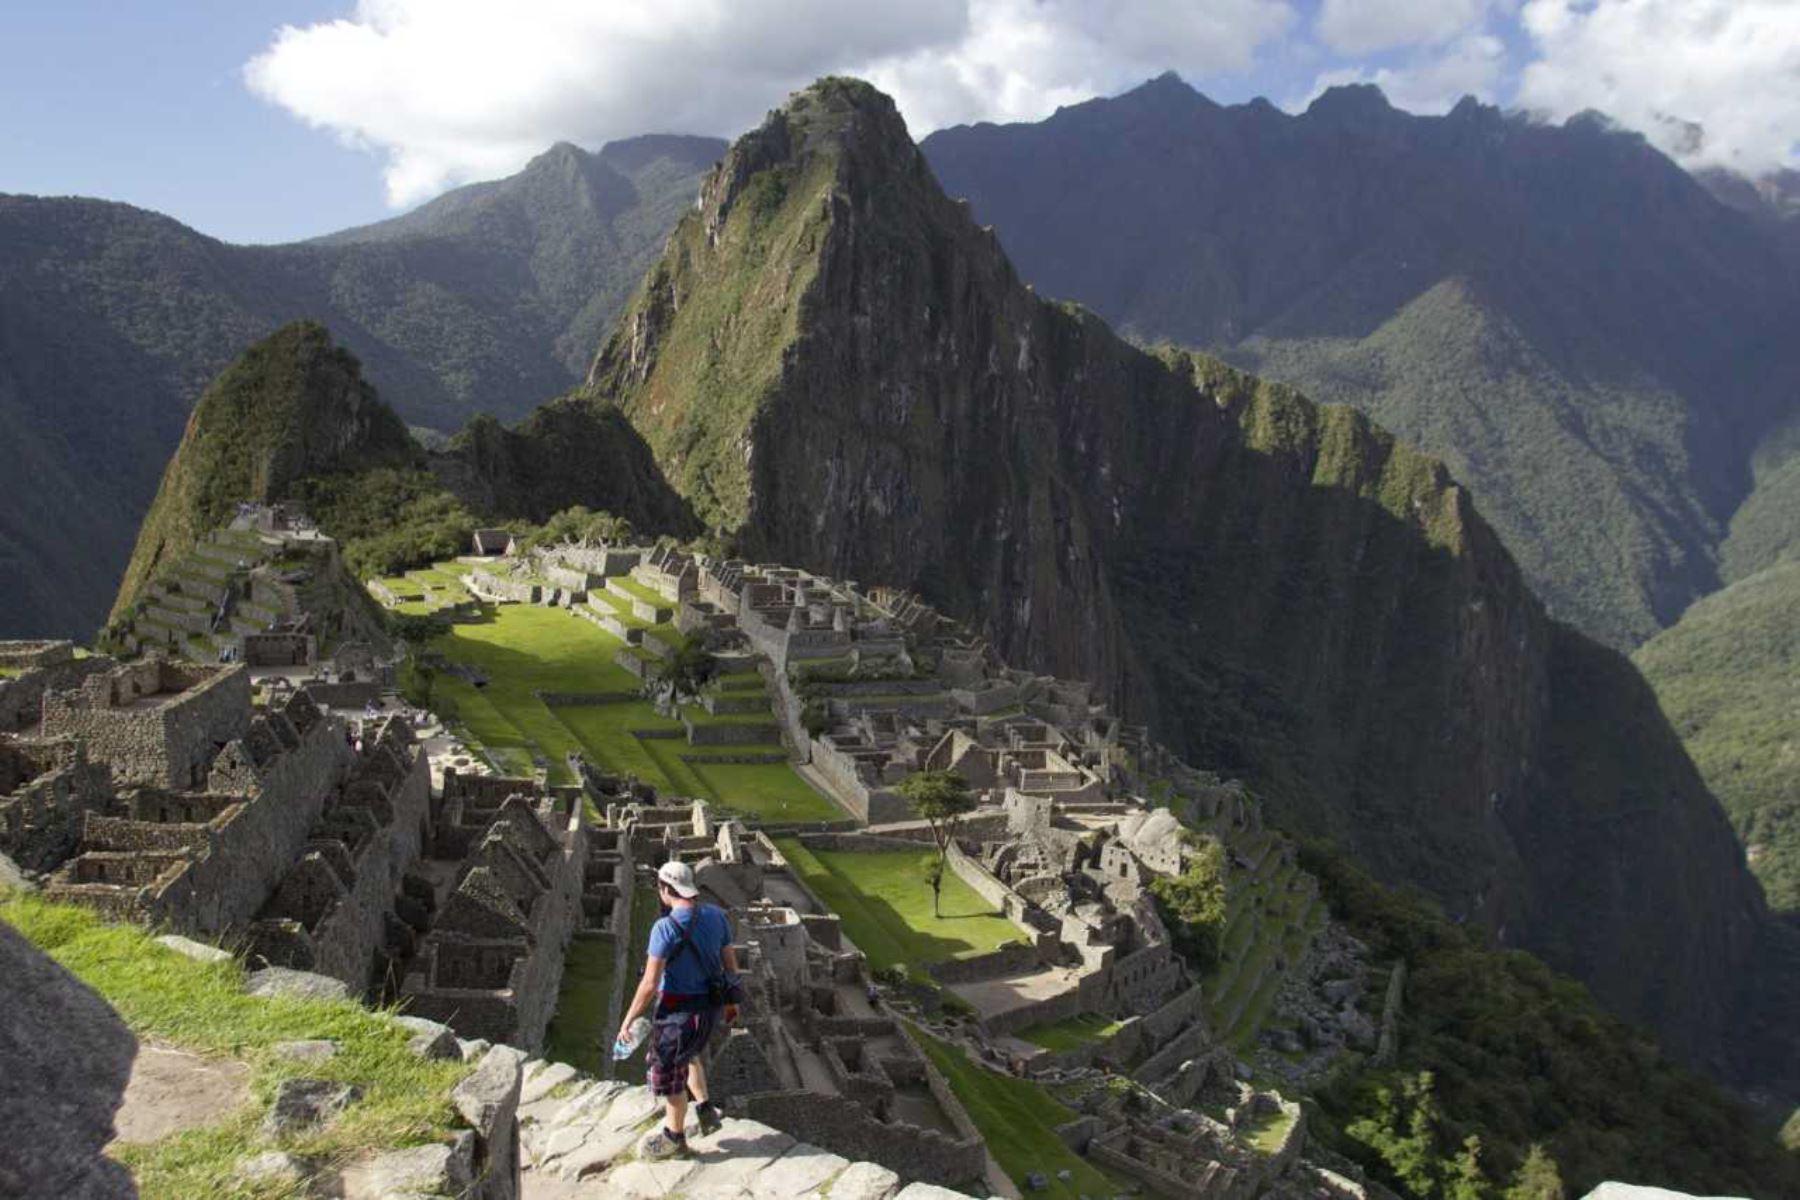 Tras más de 20 años de batallas legales, hoy se puede decir que Machu Picchu, el principal, atractivo turístico arqueologico del Perú que se ubica en la región Cusco, y cautiva al mundo, le pertenece finalmente al Estado peruano, subrayó el ministro de Cultura, Luis Jaime Castillo.ANDINA/Difusión